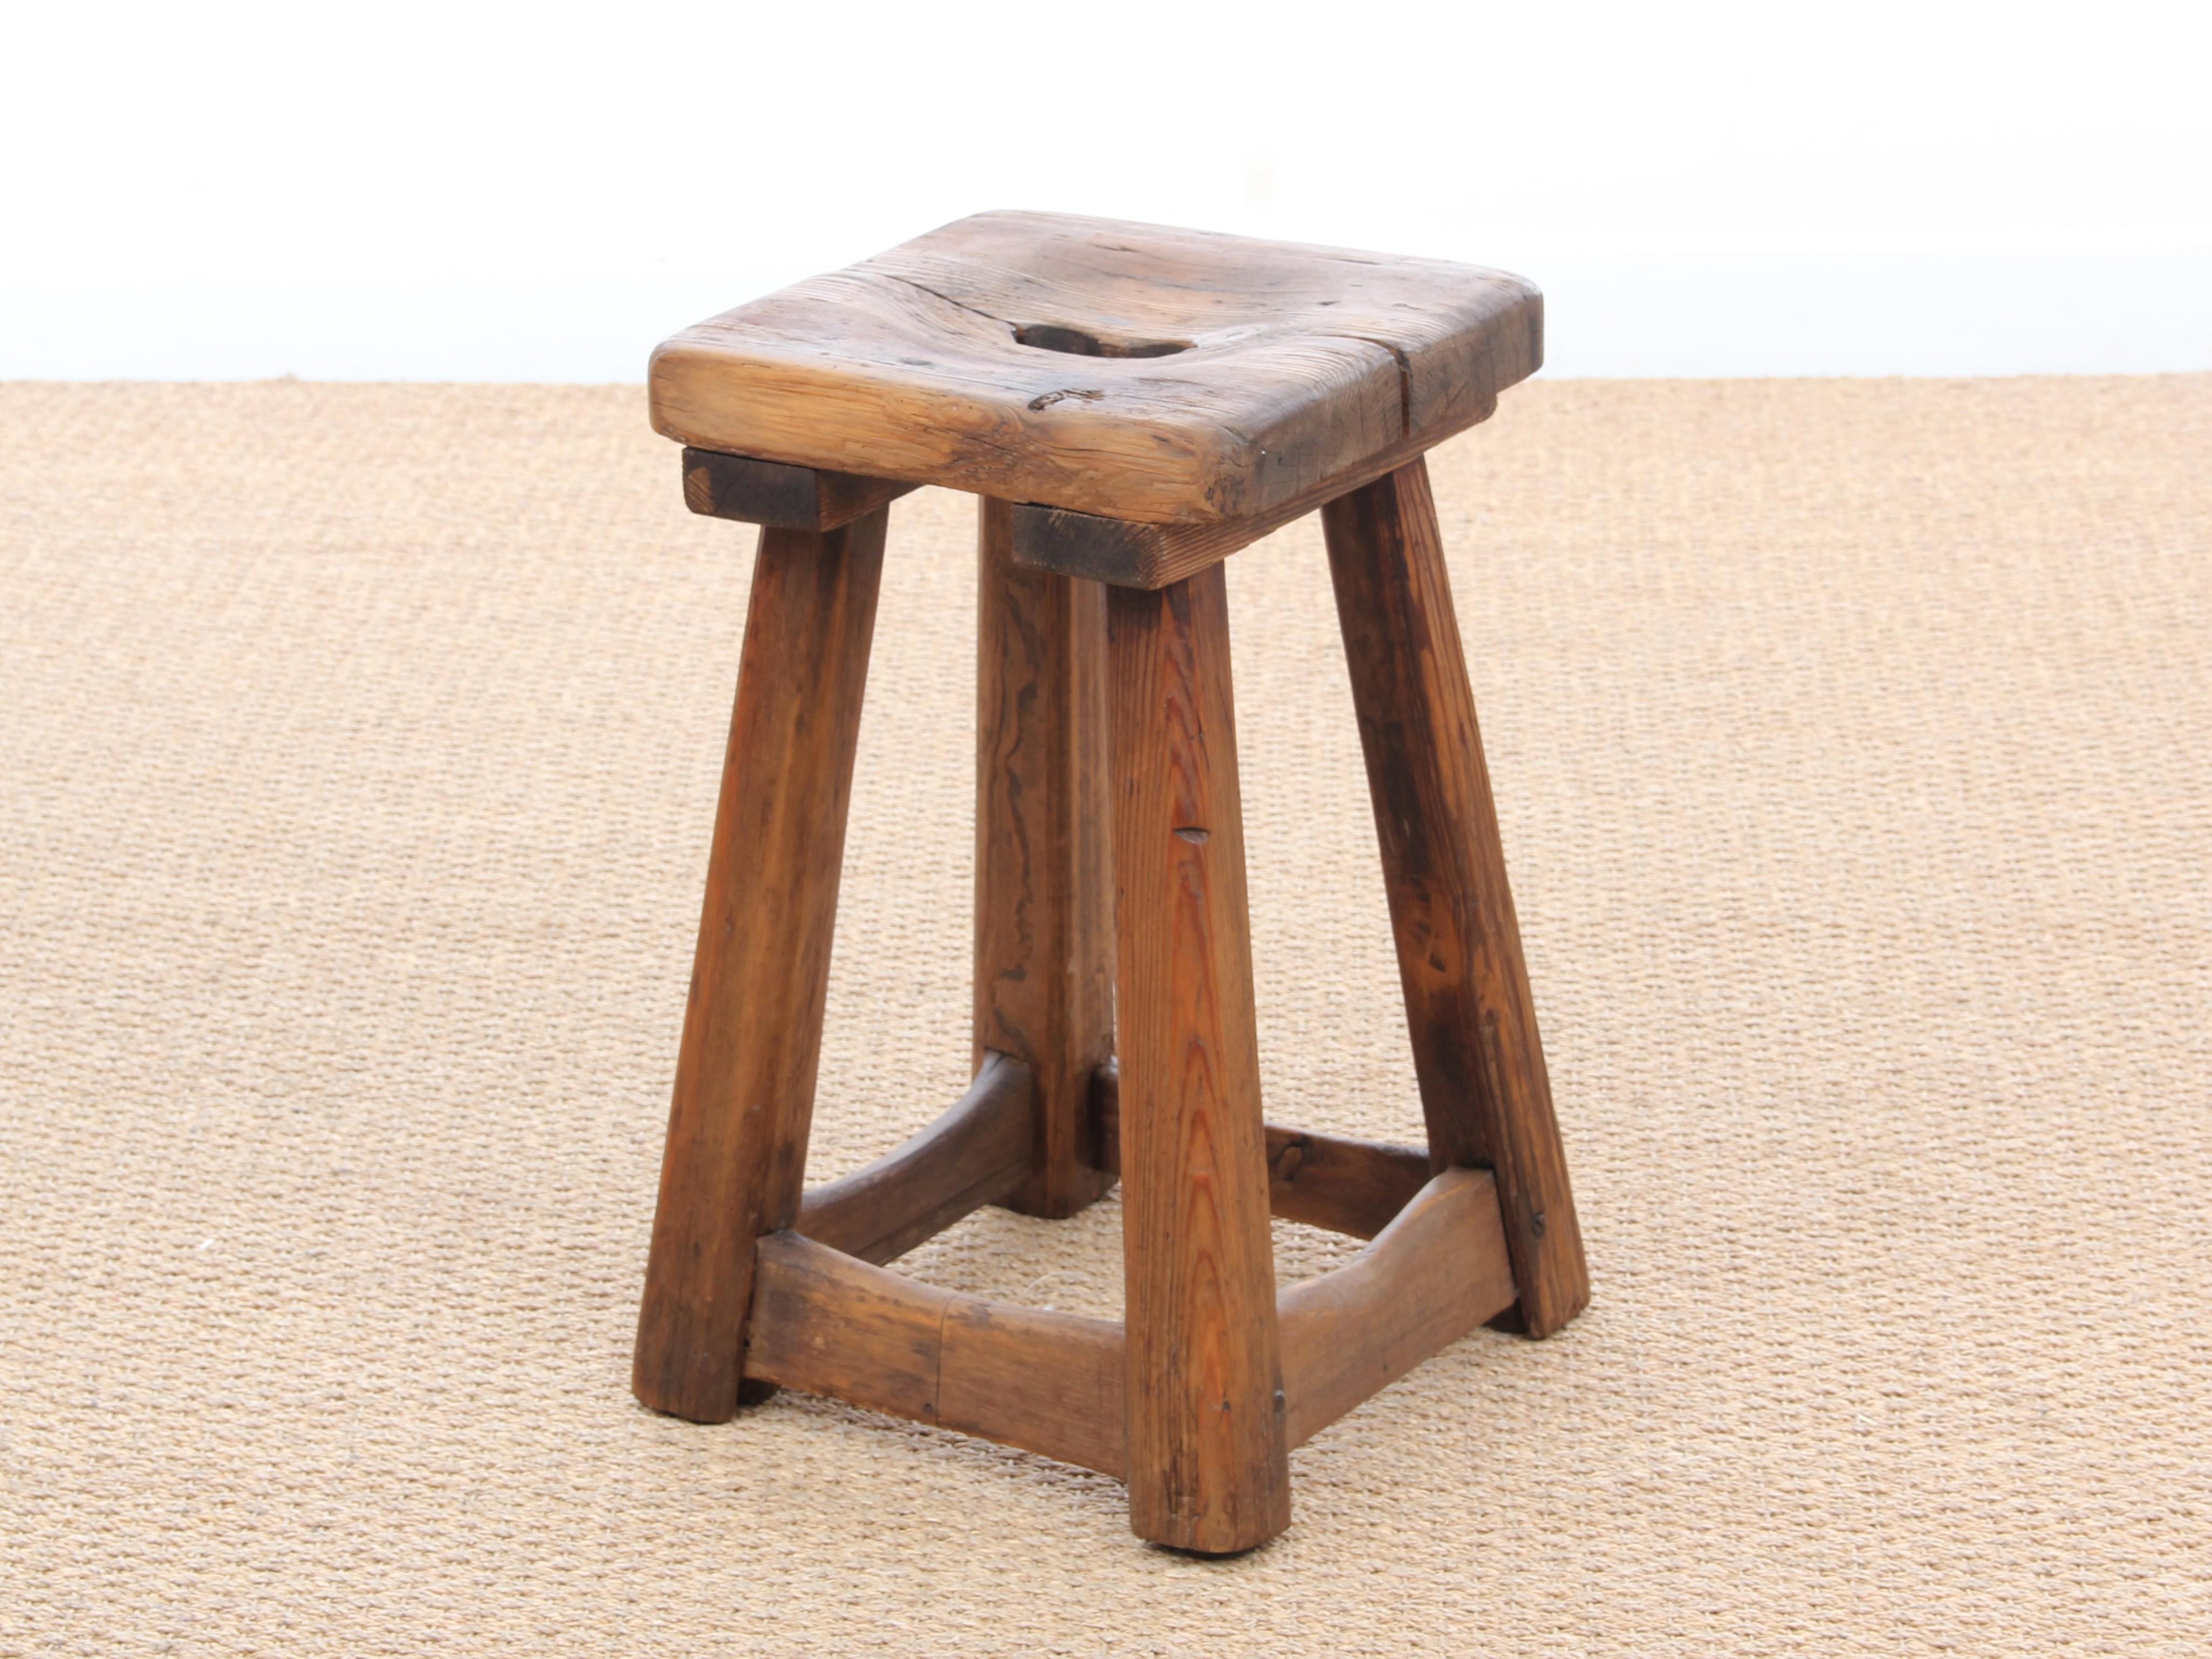 Miraculous Mid Century Swedish Pin Stool 1930S Design Market Inzonedesignstudio Interior Chair Design Inzonedesignstudiocom